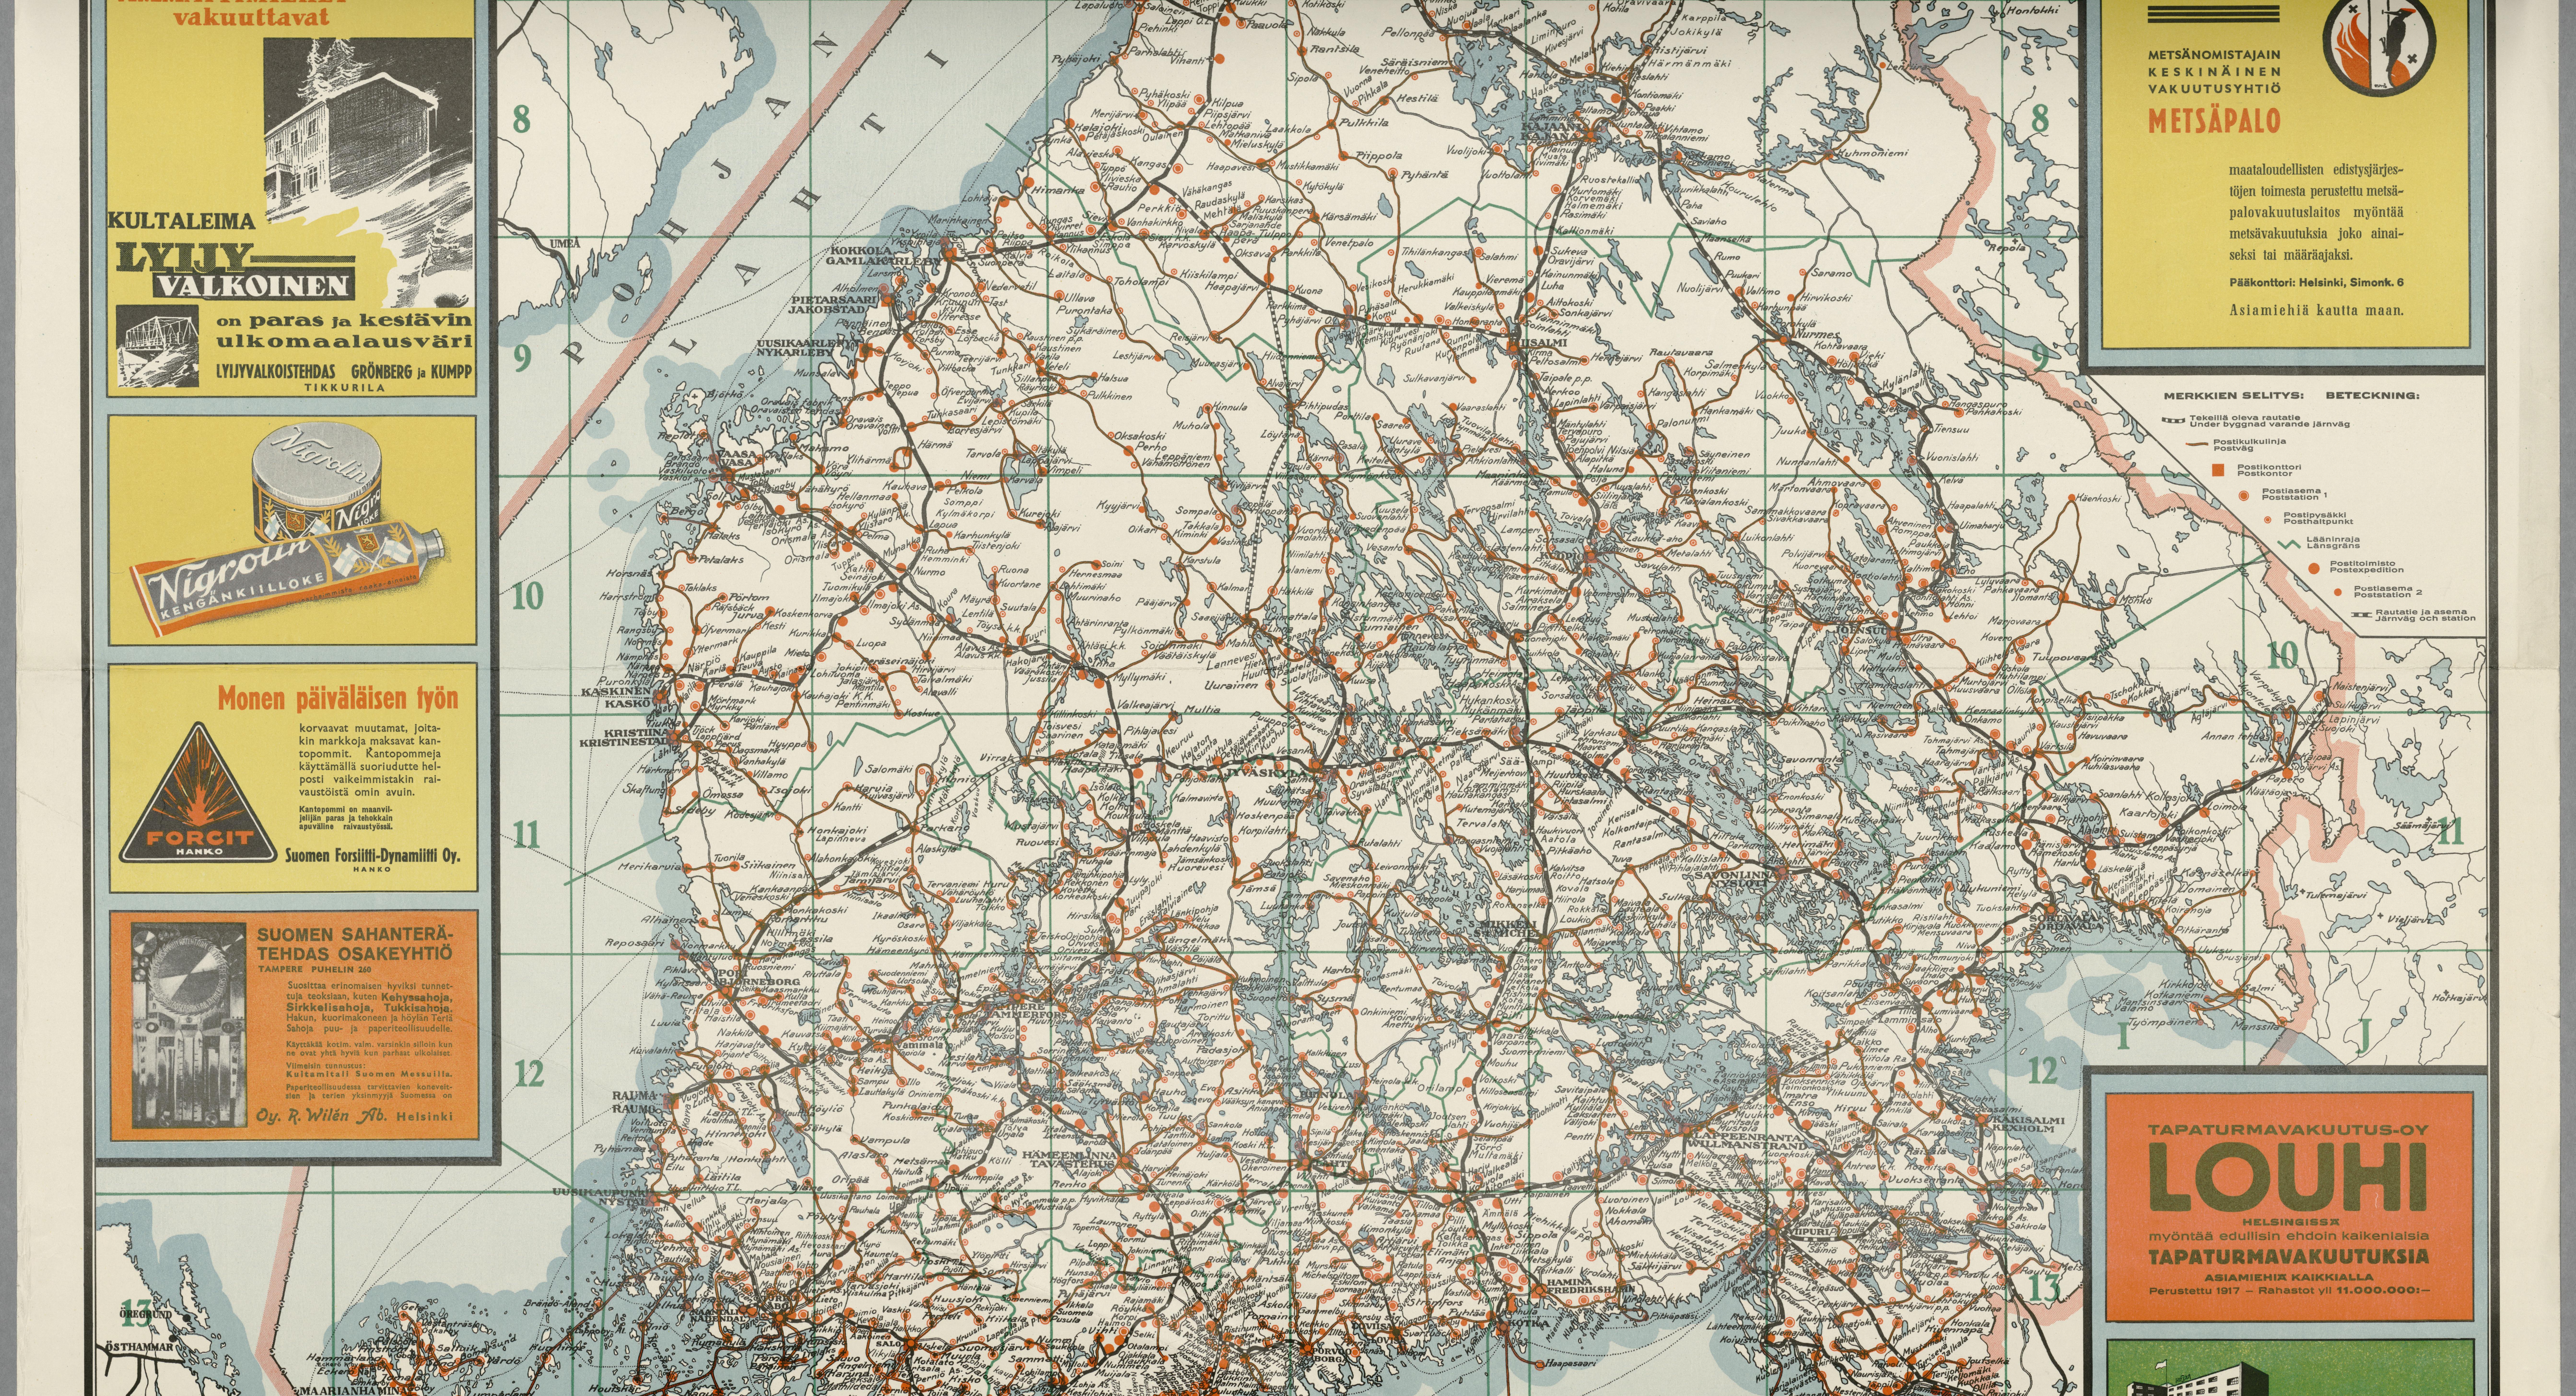 Yleinen Liikennekartta 1938 1939 Allman Kommunikationskarta 1938 1939